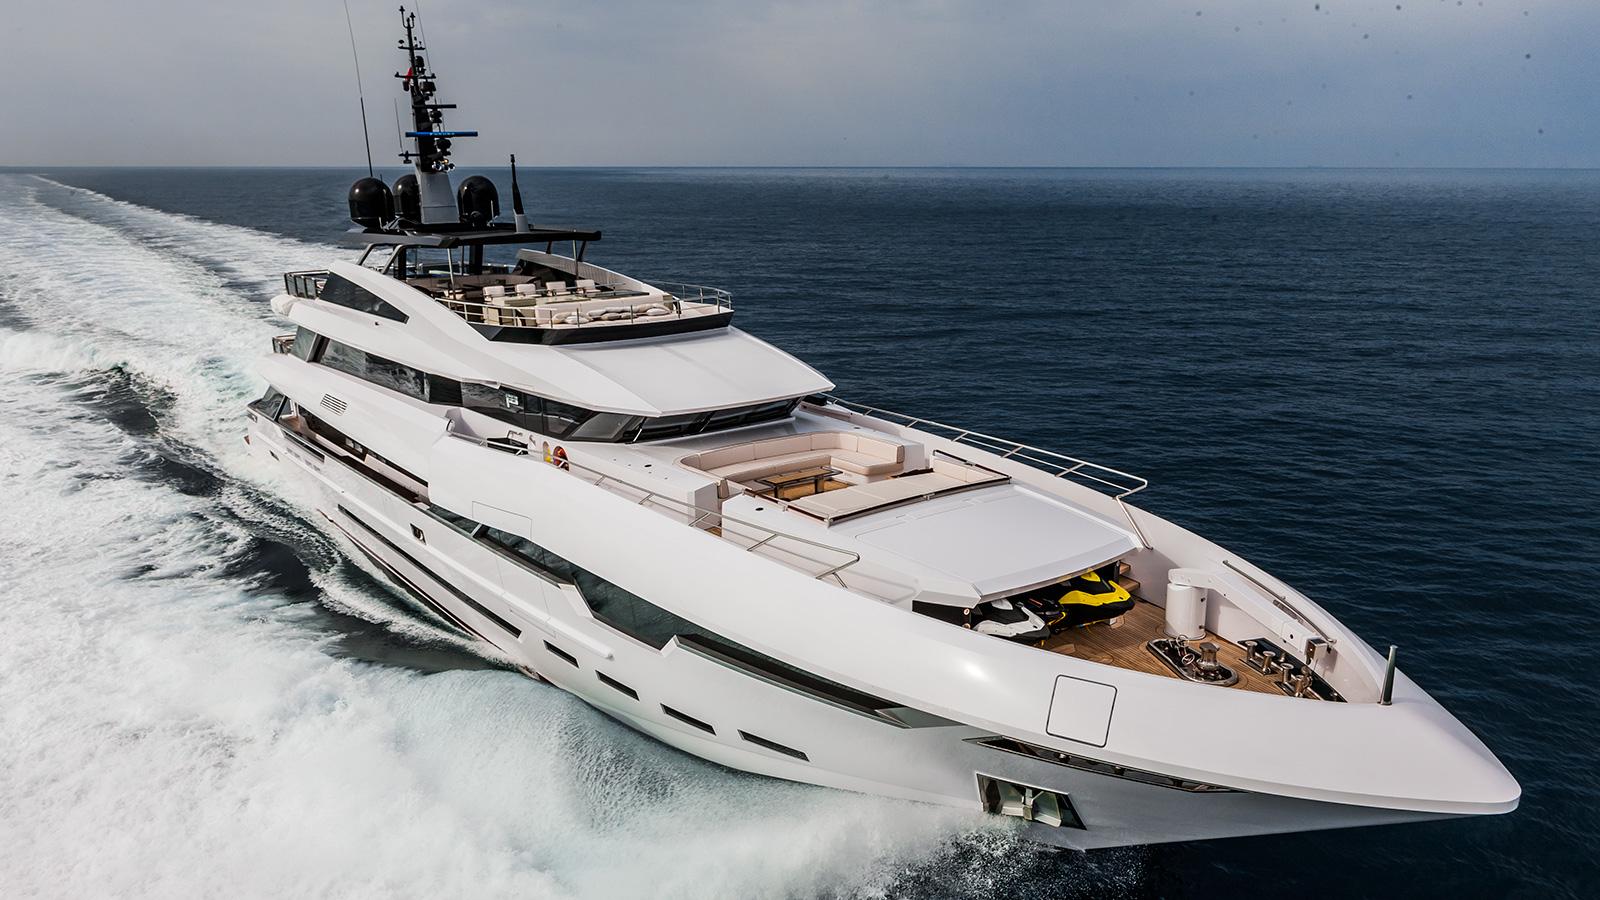 running-shot-of-rossinavi-super-yacht-polaris